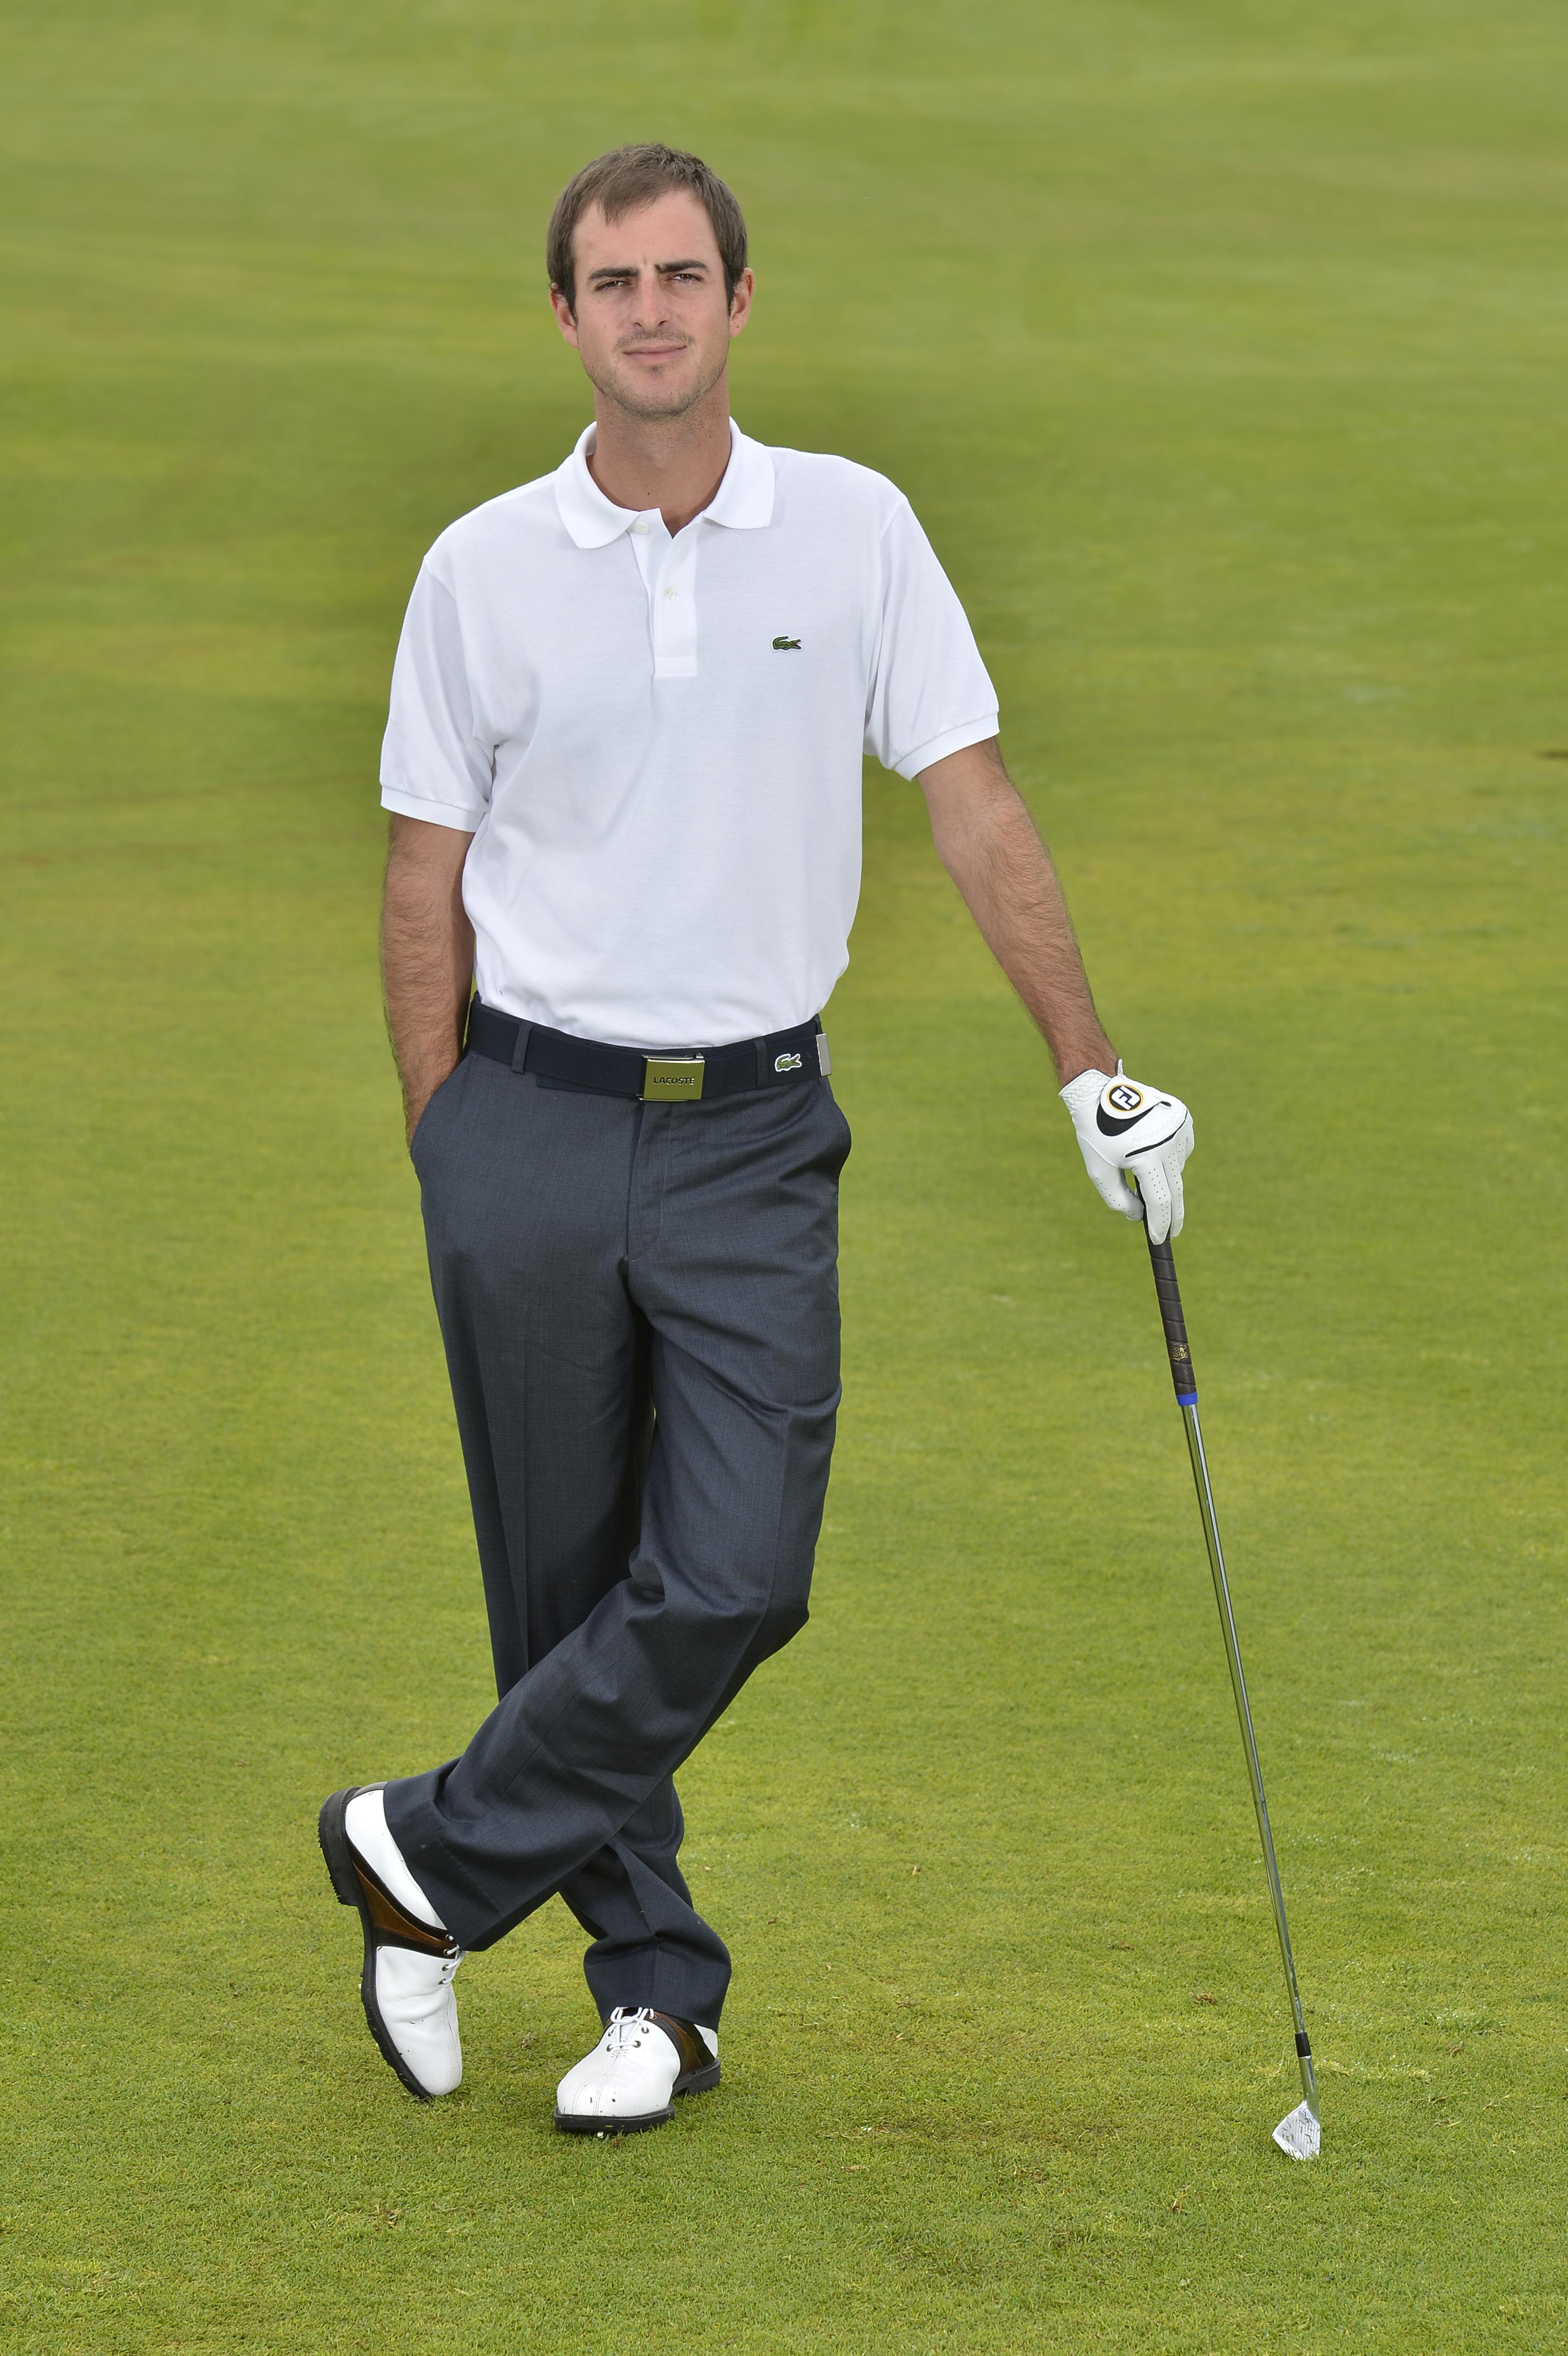 Avatar of golfer named Alexandre Kaleka